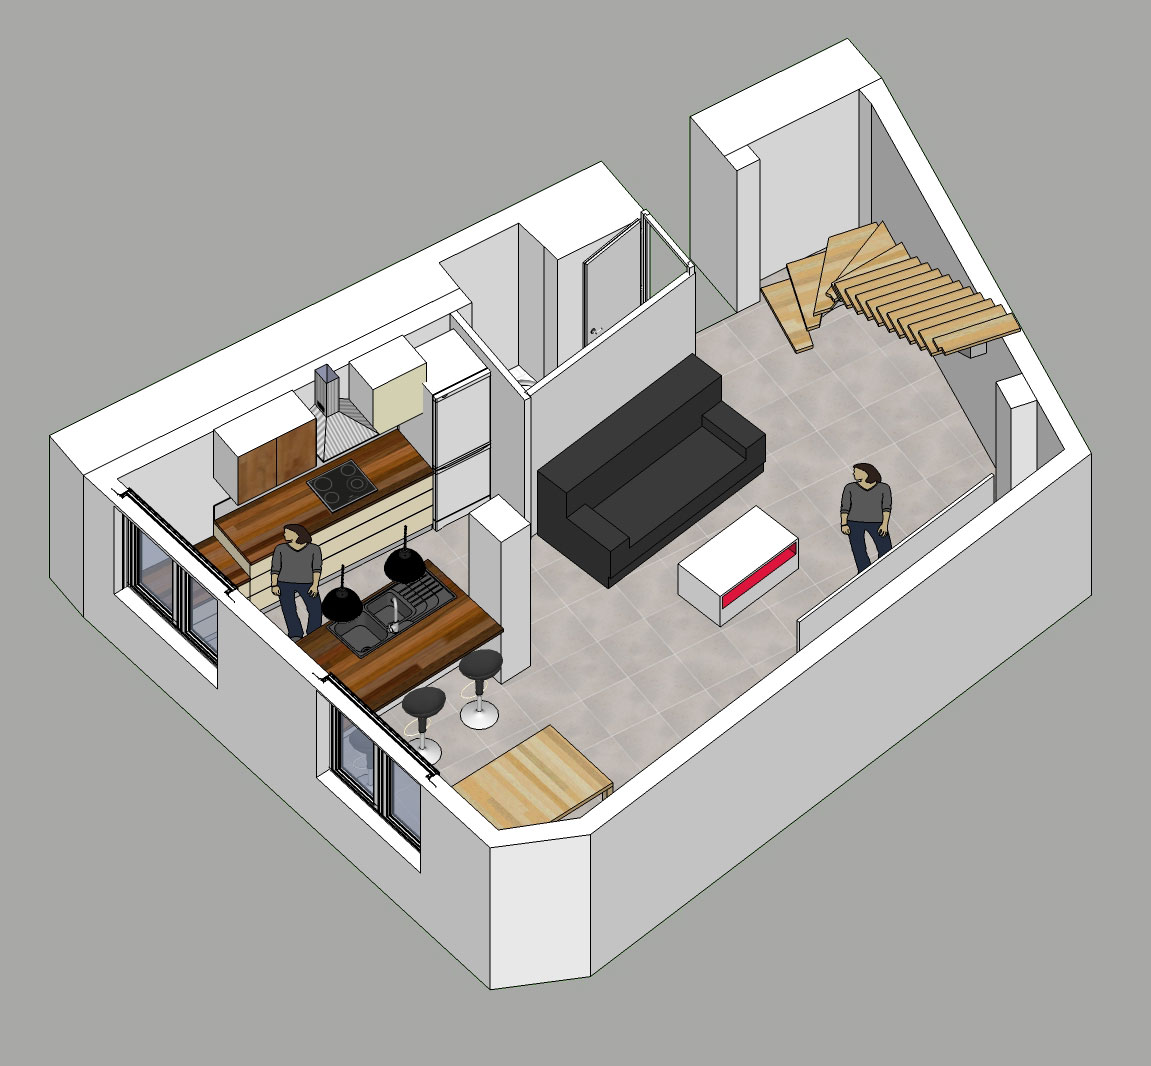 R novation de ma maison mon projet for Modelisation maison 3d